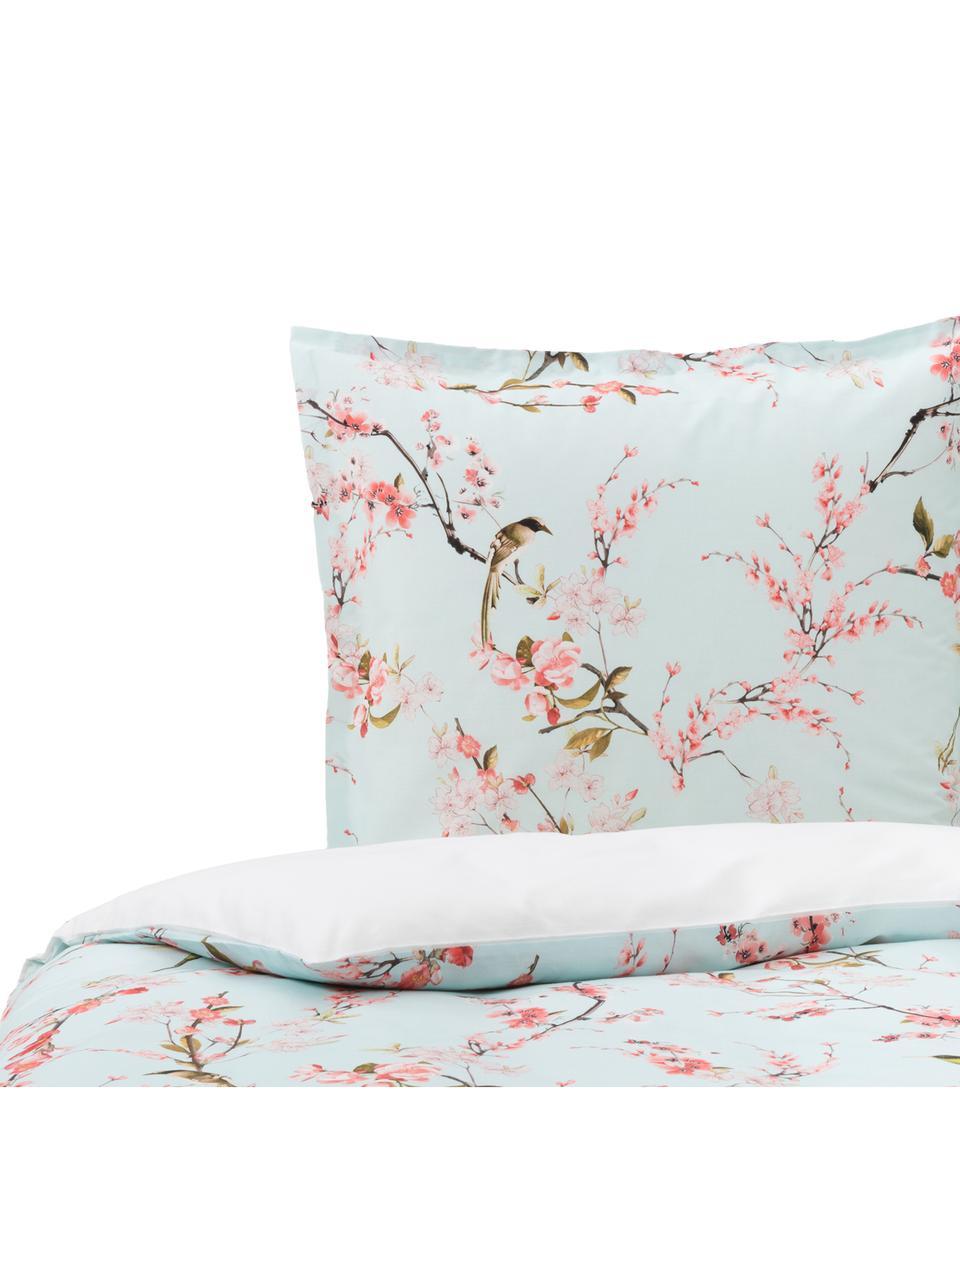 Baumwoll-Bettwäsche Chinoiserie in Mint mit Kirschblüten, 100% Baumwolle  Fadendichte 150 TC, Standard Qualität  Bettwäsche aus Baumwolle fühlt sich auf der Haut angenehm weich an, nimmt Feuchtigkeit gut auf und eignet sich für Allergiker., Mint, Rosatöne, Grün, Weiß, 140 x 200 cm + 1 Kissen 80 x 80 cm